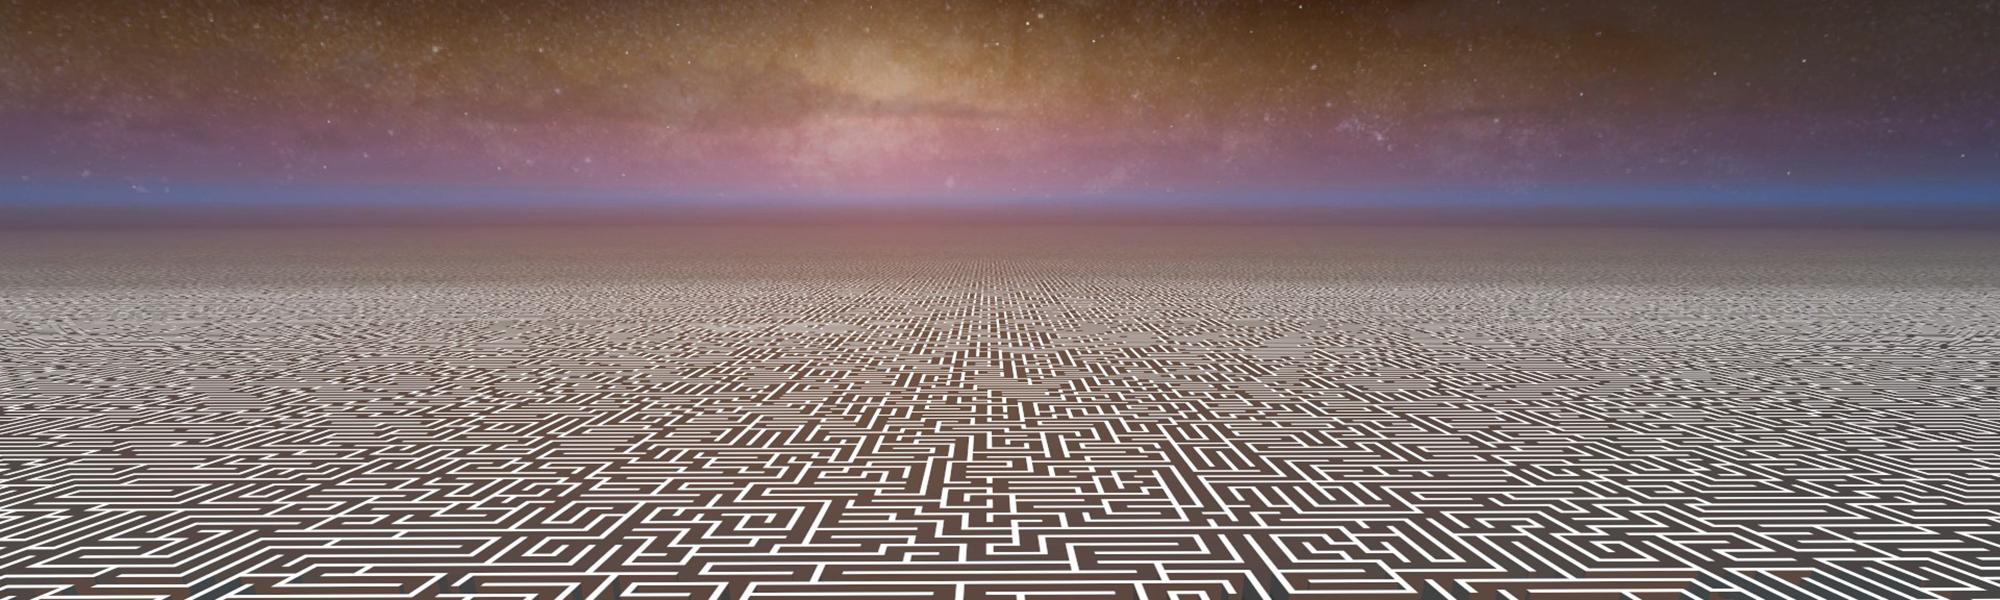 The-Beginners-Guide-Review-Screenshot-Wallpaper-Final-Maze